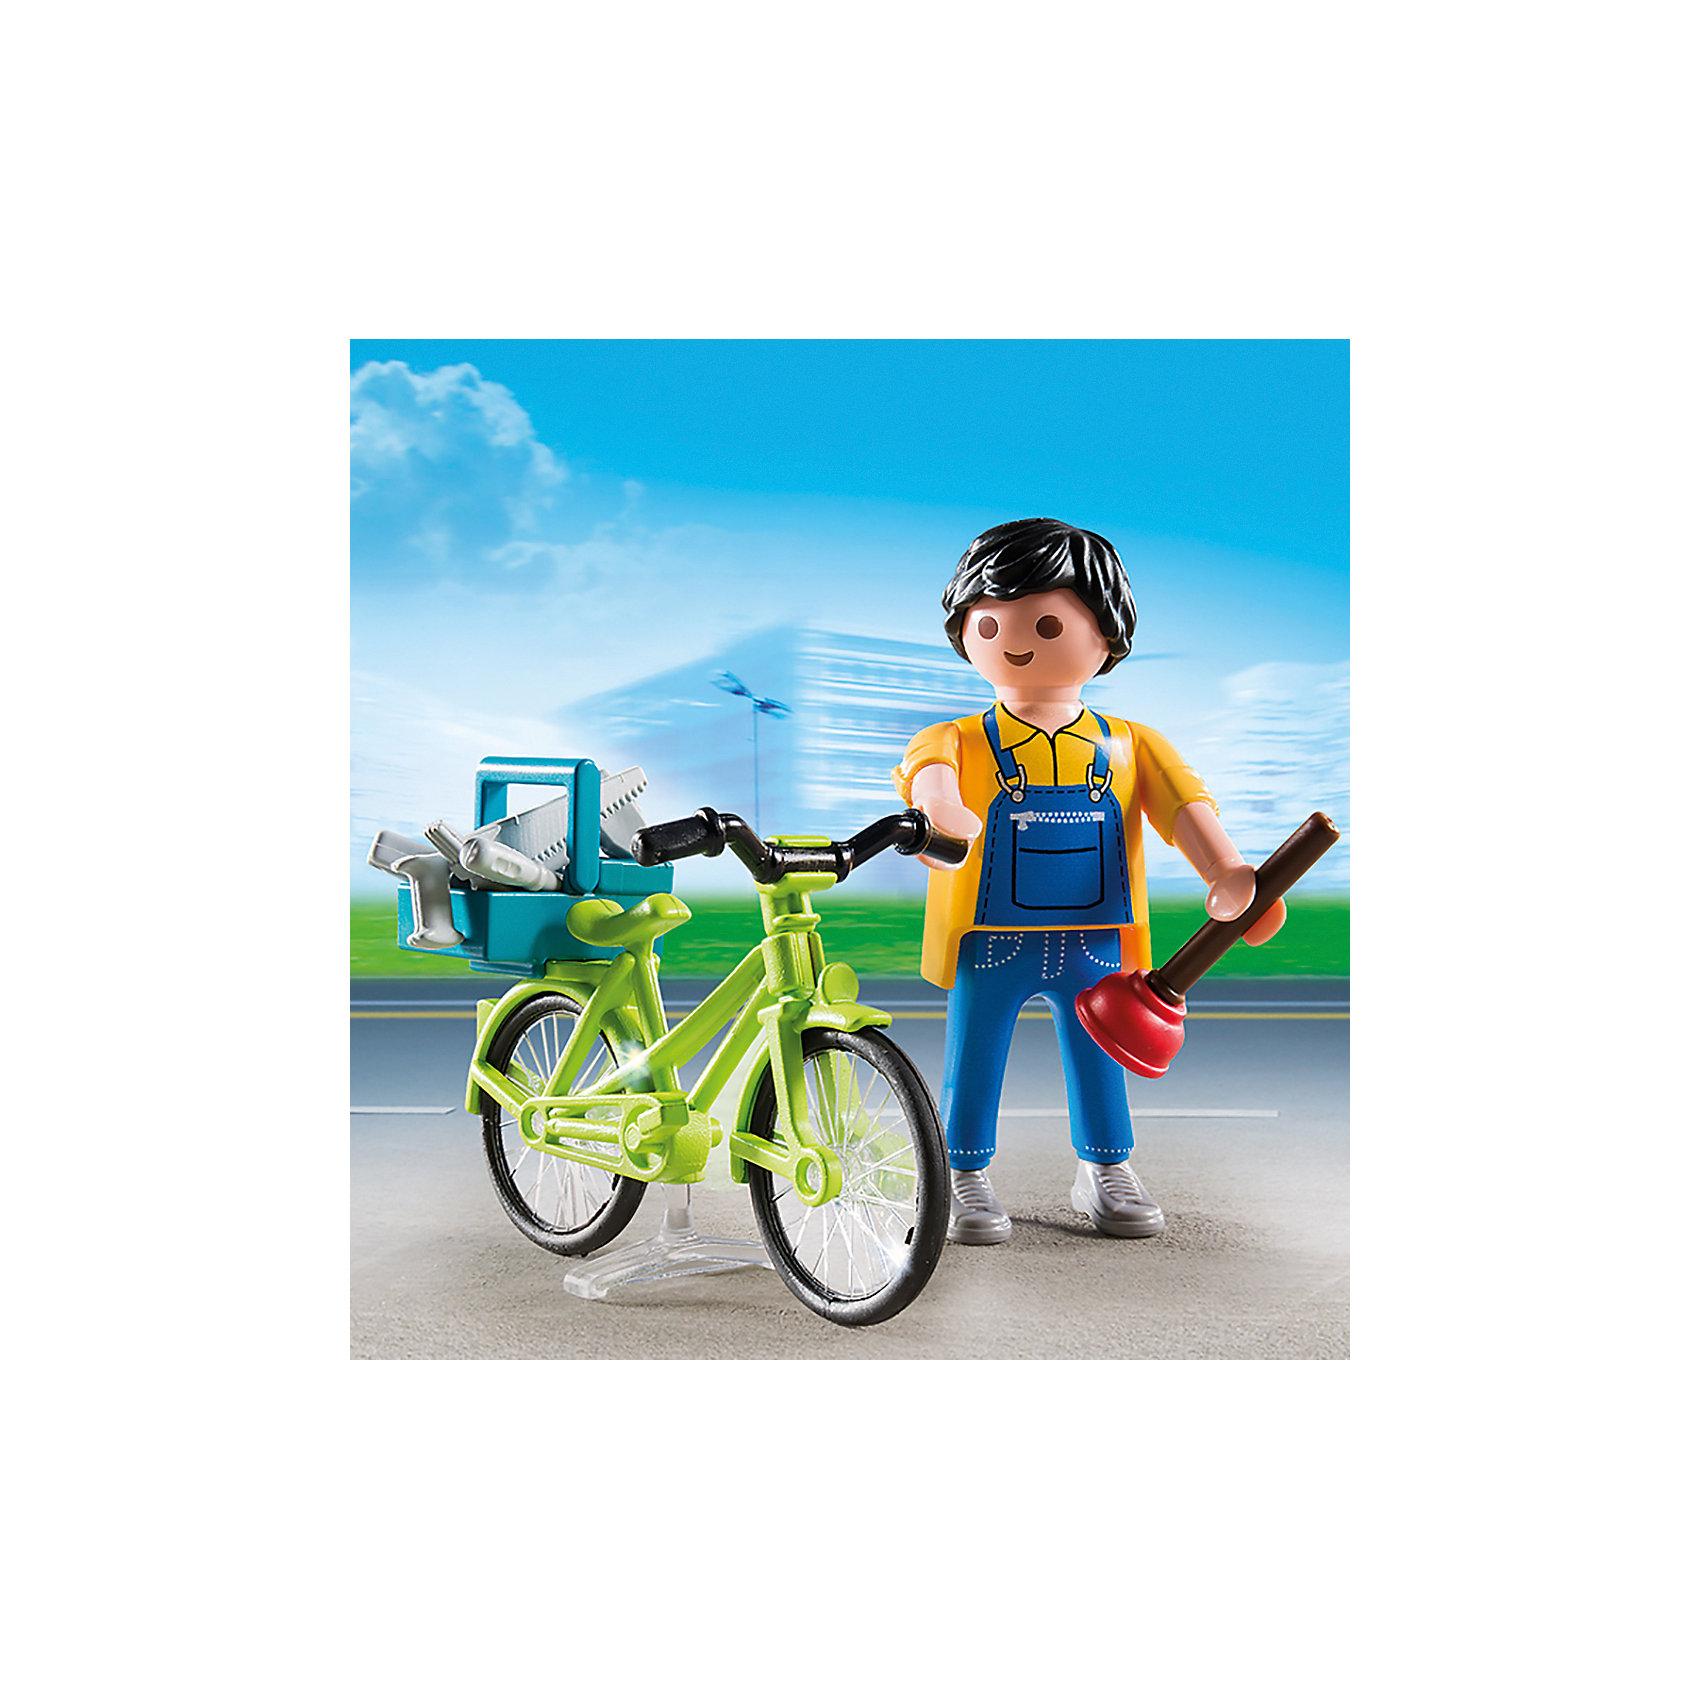 Экстра-набор: Мастер с инструментами на велосипеде, PLAYMOBILПластмассовые конструкторы<br>В набор входят детали для сборки велосипеда, фигурка мастера, который его чинит и аксессуары, которые сделают игру еще реалистичнее и увлекательнее. Фигурка имеет подвижные конечности, в руки можно вложить инструменты. Все детали прекрасно проработаны и выполнены из высококачественного экологичного пластика безопасного для детей. Играть с таким набором не только приятно и интересно - подобные виды игры развивают мелкую моторику, воображение, творческое мышление.<br><br>Дополнительная информация:<br><br>- 1 фигурка в наборе. <br>- Комплектация: фигурка, велосипед, аксессуары (инструменты, ящик для инструментов).<br>- Материал: пластик.<br>- Размер упаковки: 13х10х3 см.<br>- Высота фигурки: 7,5 см.<br>- Голова, руки, ноги у фигурки подвижные.<br><br>Экстра-набор: Мастер с инструментами на велосипеде, PLAYMOBIL (Плеймобил), можно купить в нашем магазине.<br><br>Ширина мм: 126<br>Глубина мм: 93<br>Высота мм: 35<br>Вес г: 52<br>Возраст от месяцев: 48<br>Возраст до месяцев: 120<br>Пол: Мужской<br>Возраст: Детский<br>SKU: 3786352